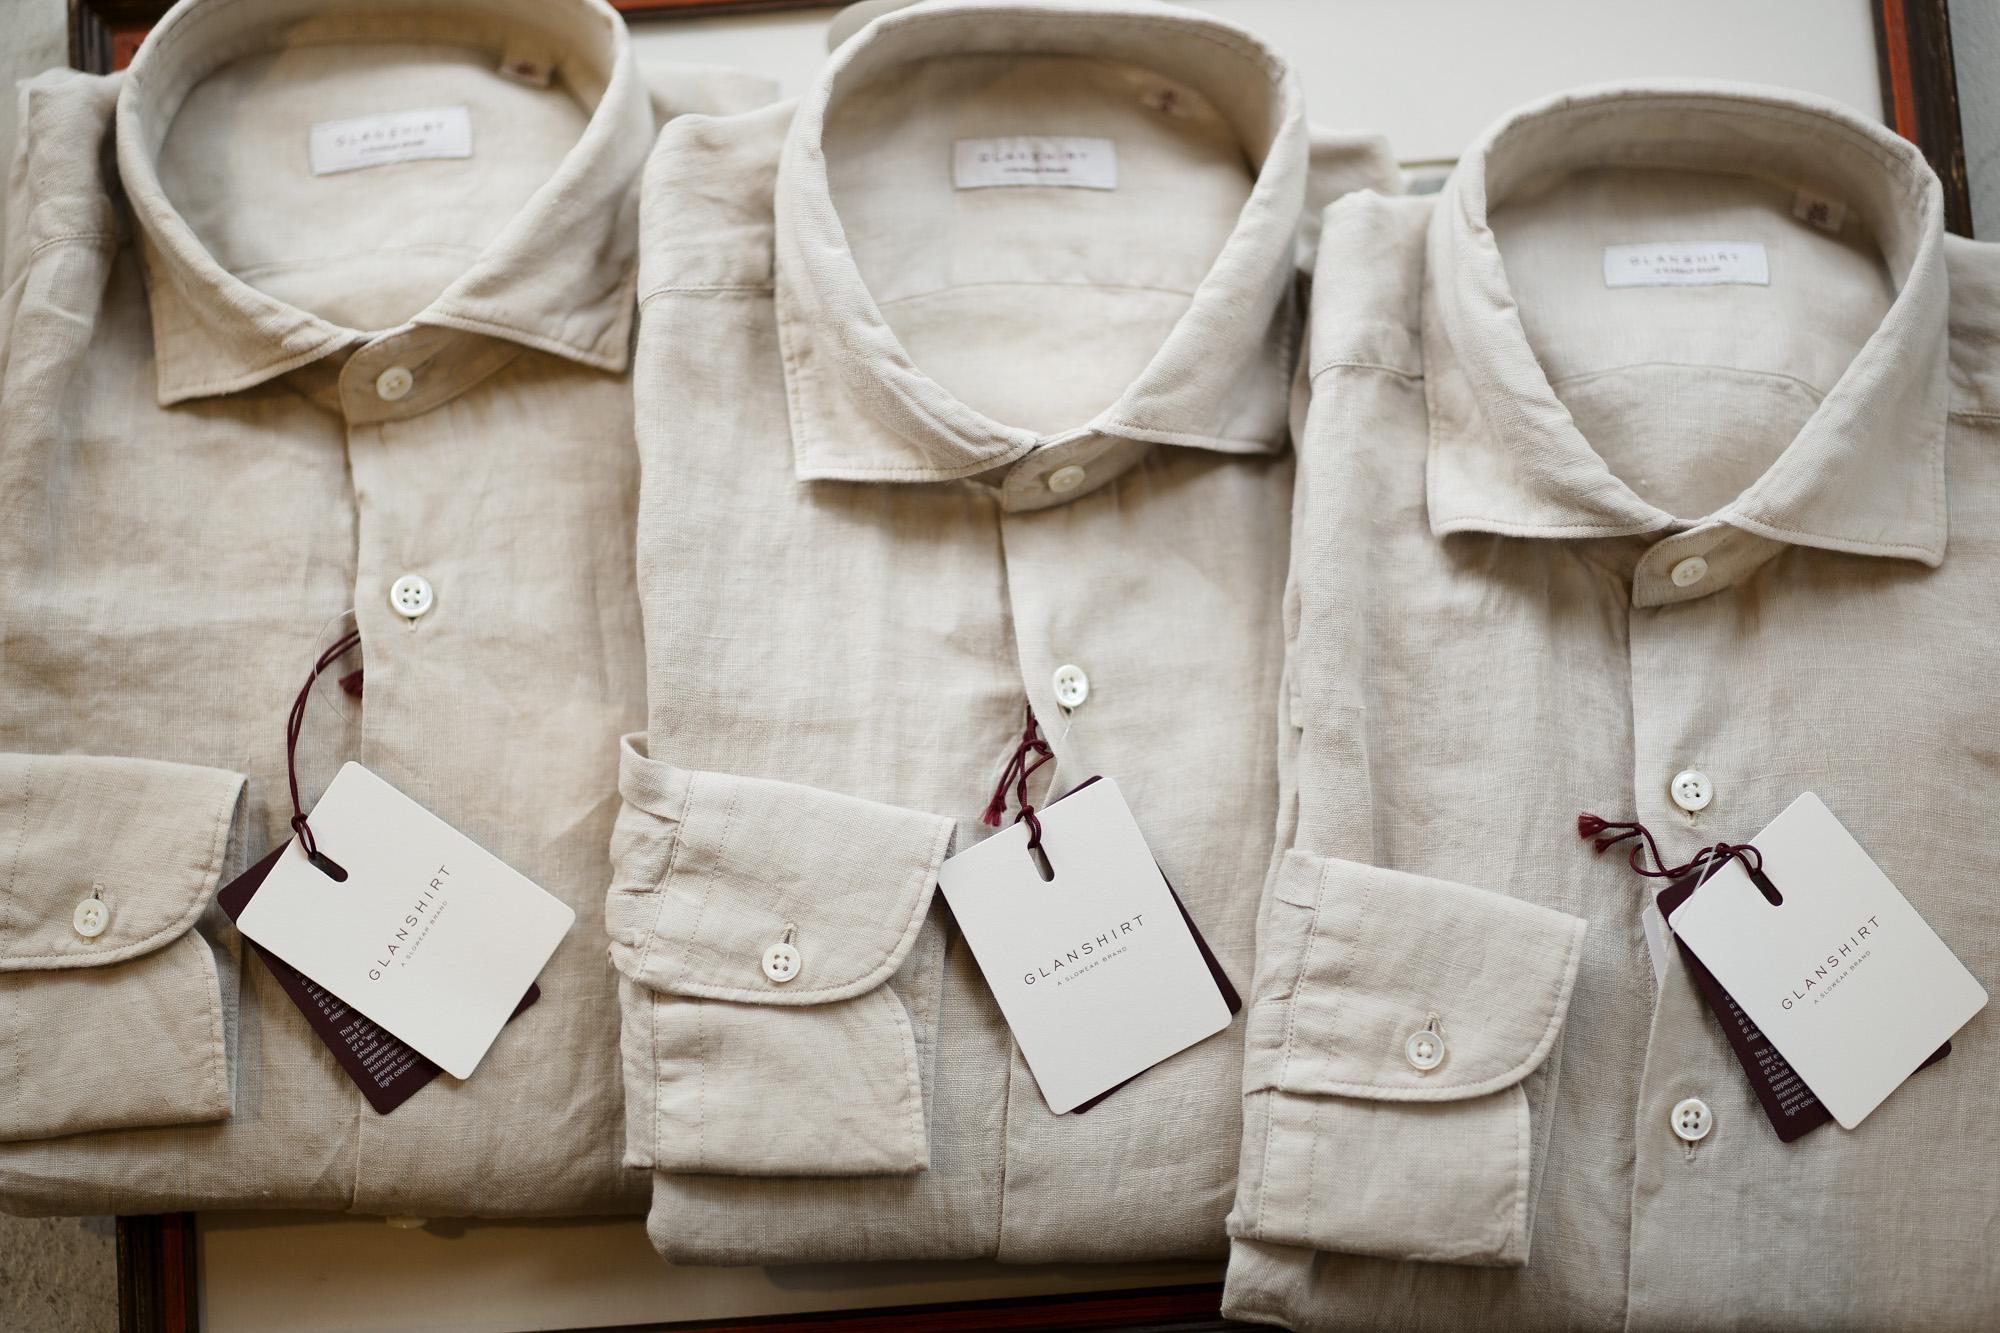 Glanshirt (グランシャツ) Linen Shirt (リネンシャツ) Natural Linen Garment Dyed カッタウェイ リネン シャツ BEIGE (ベージュ・425) made in italy (イタリア製) 2019 春夏新作 愛知 名古屋 altoediritto アルトエデリット